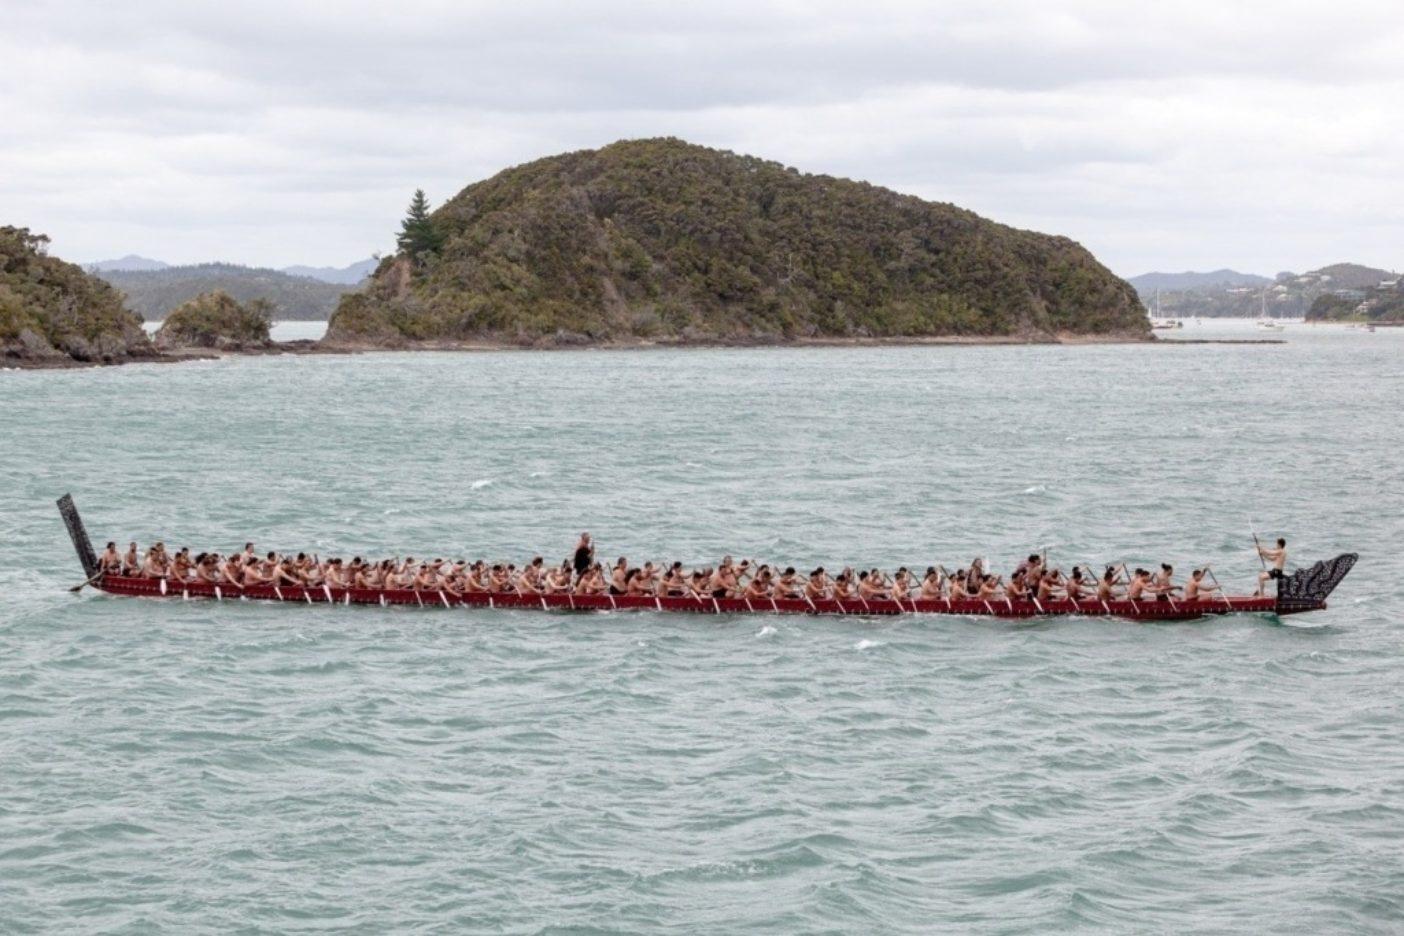 80人のパドラーが漕ぐ儀式用の戦いのカヌー、「ンガトキマタワオルア」がヒキアナリア号とホクレア号をワイタンギまで伴走した。Photo: John Bilderback